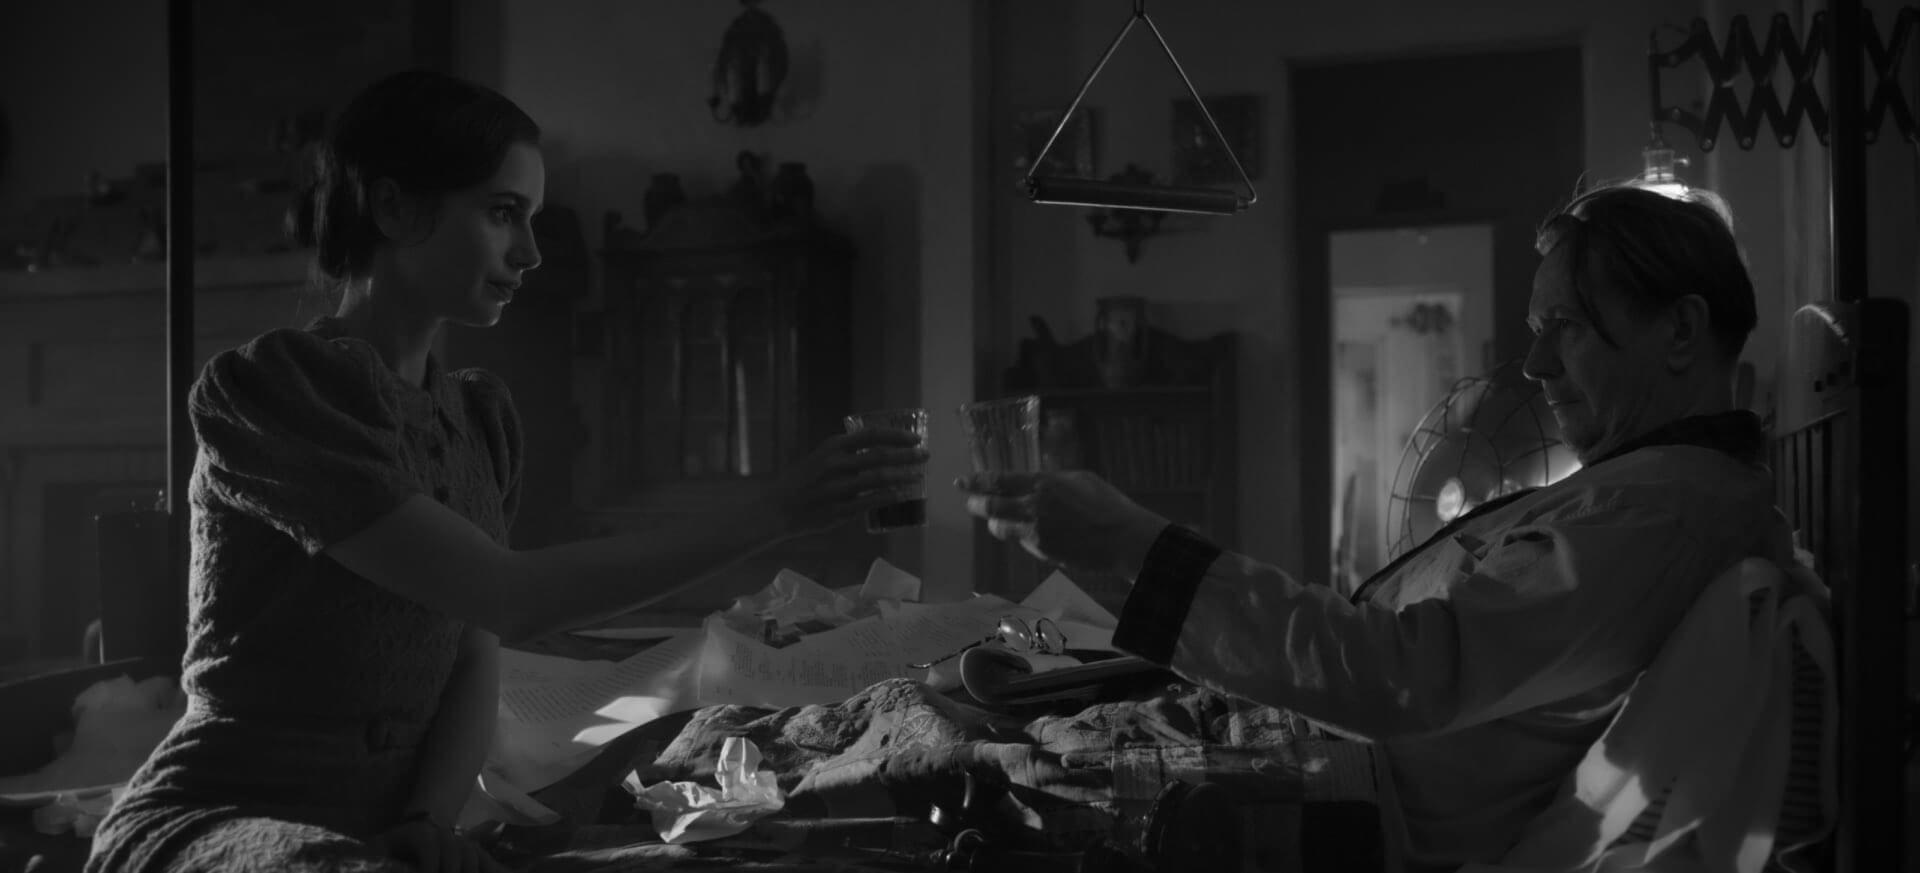 Ujęcie z filmu Mank (Netflix, 2020)